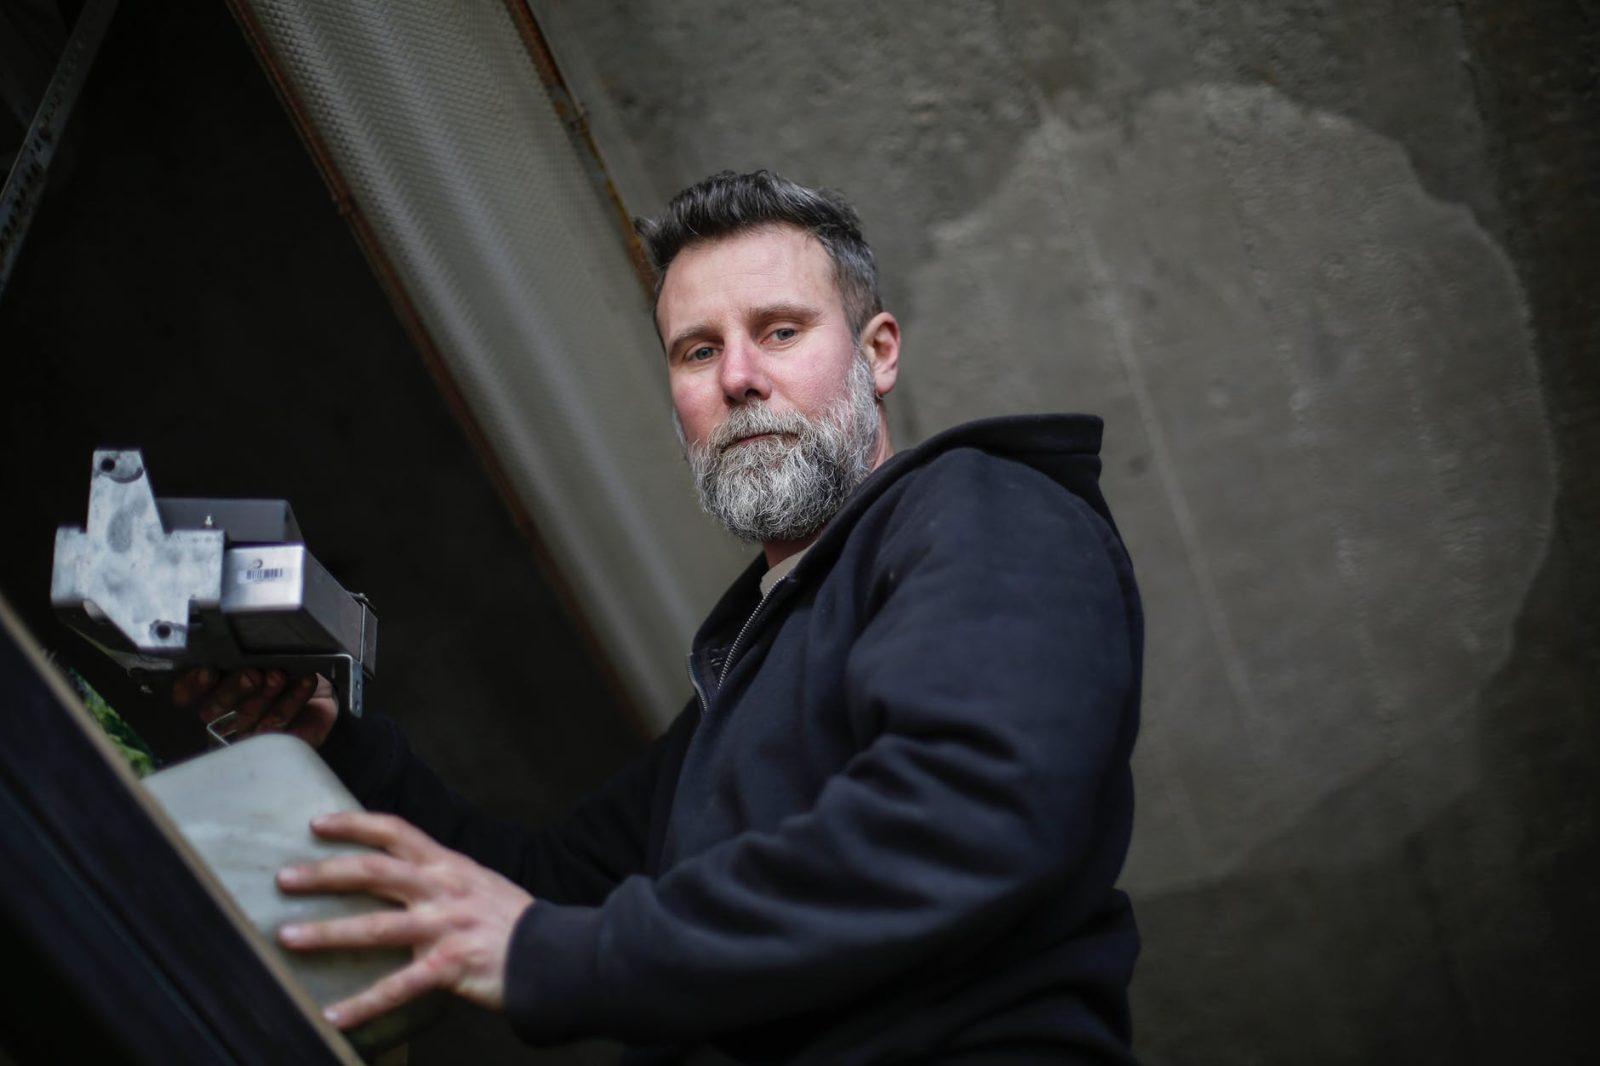 איך גבר בן 37 מרוויח הכנסה נוספת ב- 34,000 $ לשנה – כמארח של Airbnb